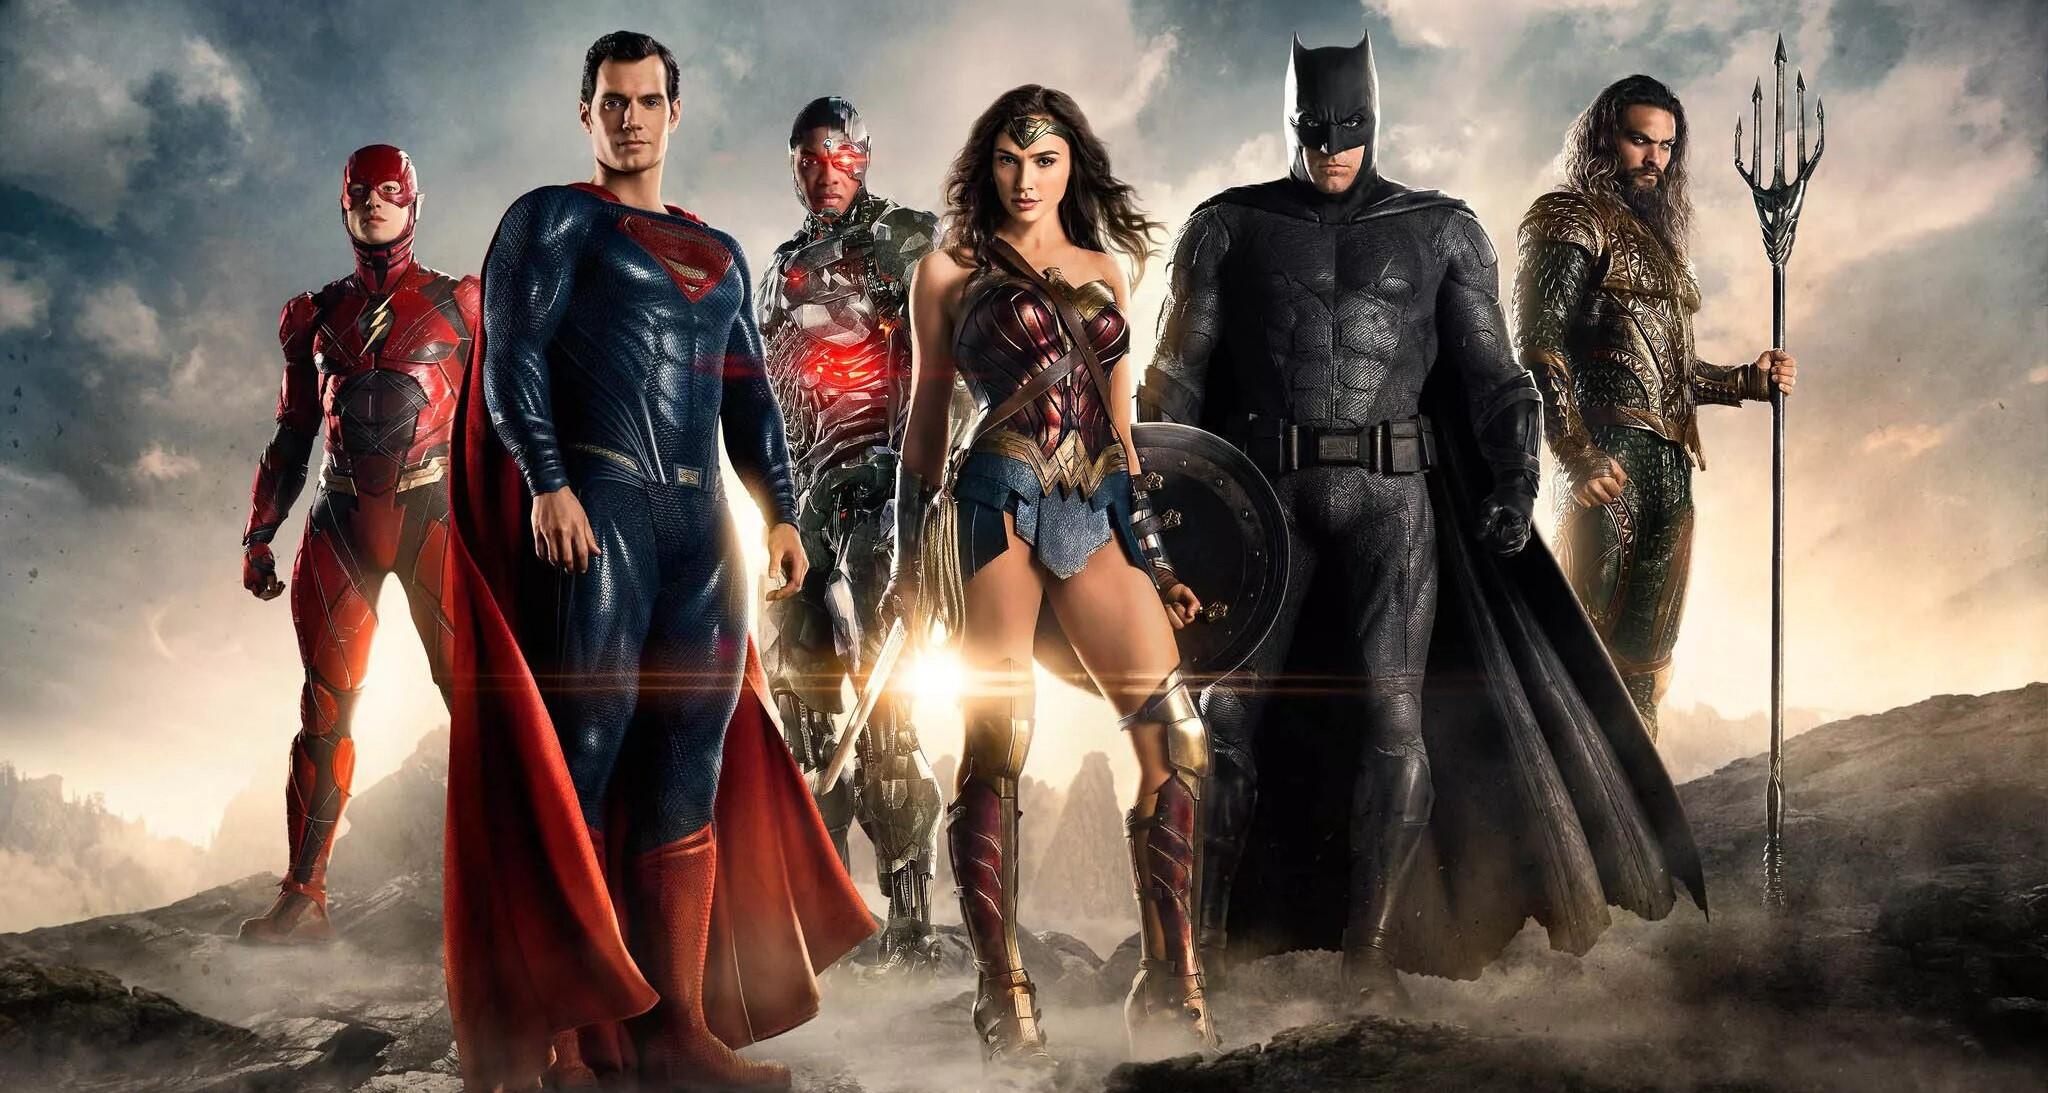 Prepárate para ver Liga de la Justicia: The Snyder Cut con estos últimos detalles